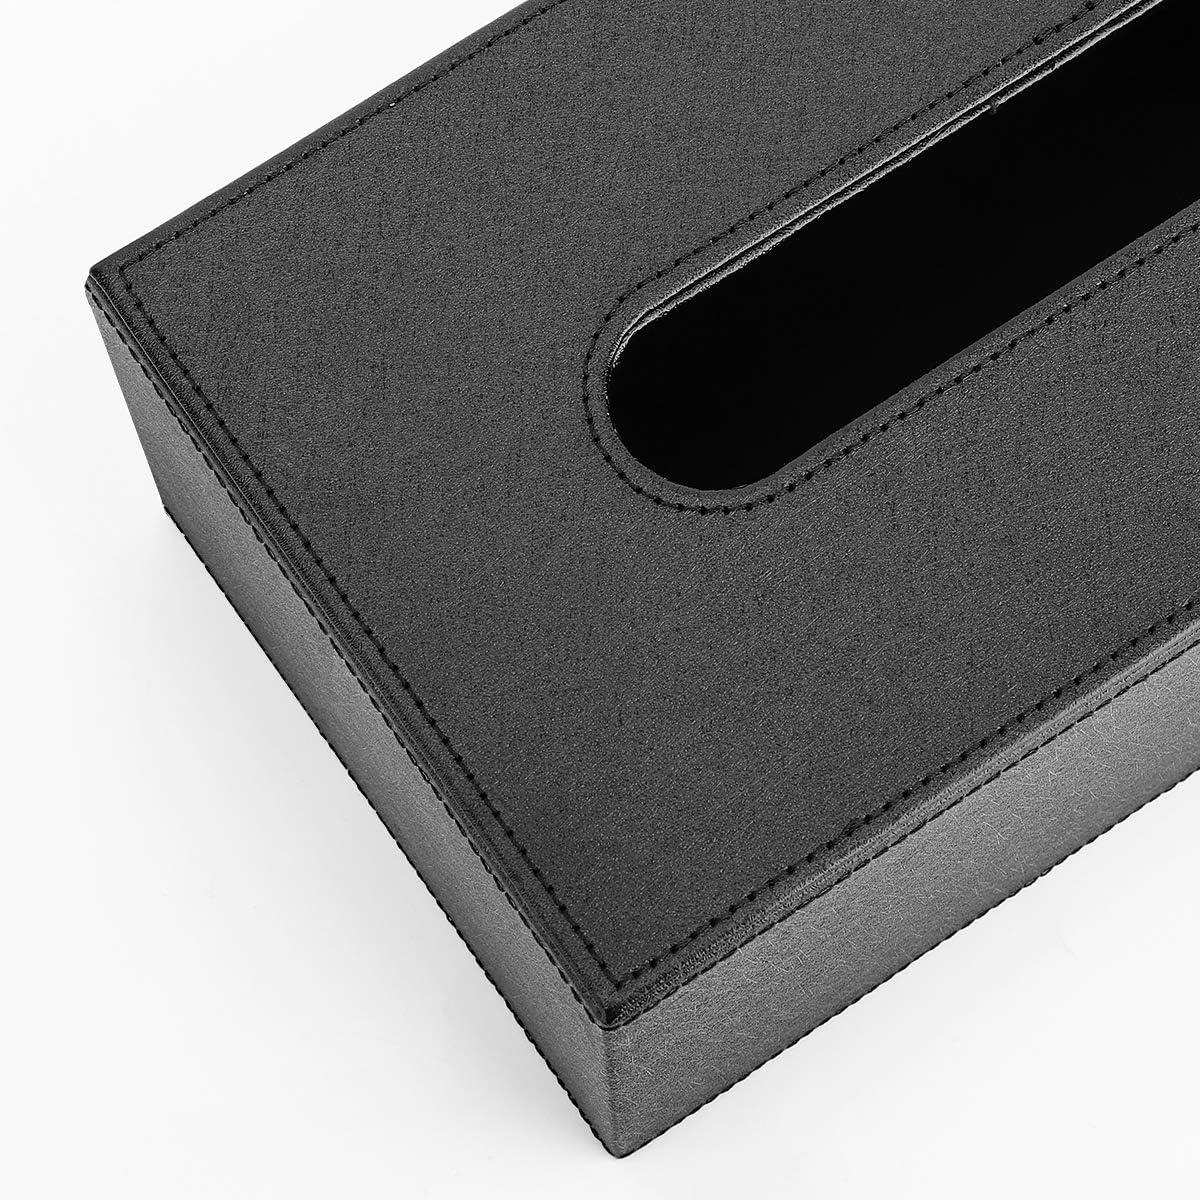 Organizer per Salviette per Camera Bagno Astuccio per Carta Igienica Custodia Magnetica per Fazzoletti Porta Fazzoletti in PU Pelle Luxspire Scatola Rettangolare per Fazzoletti Nero